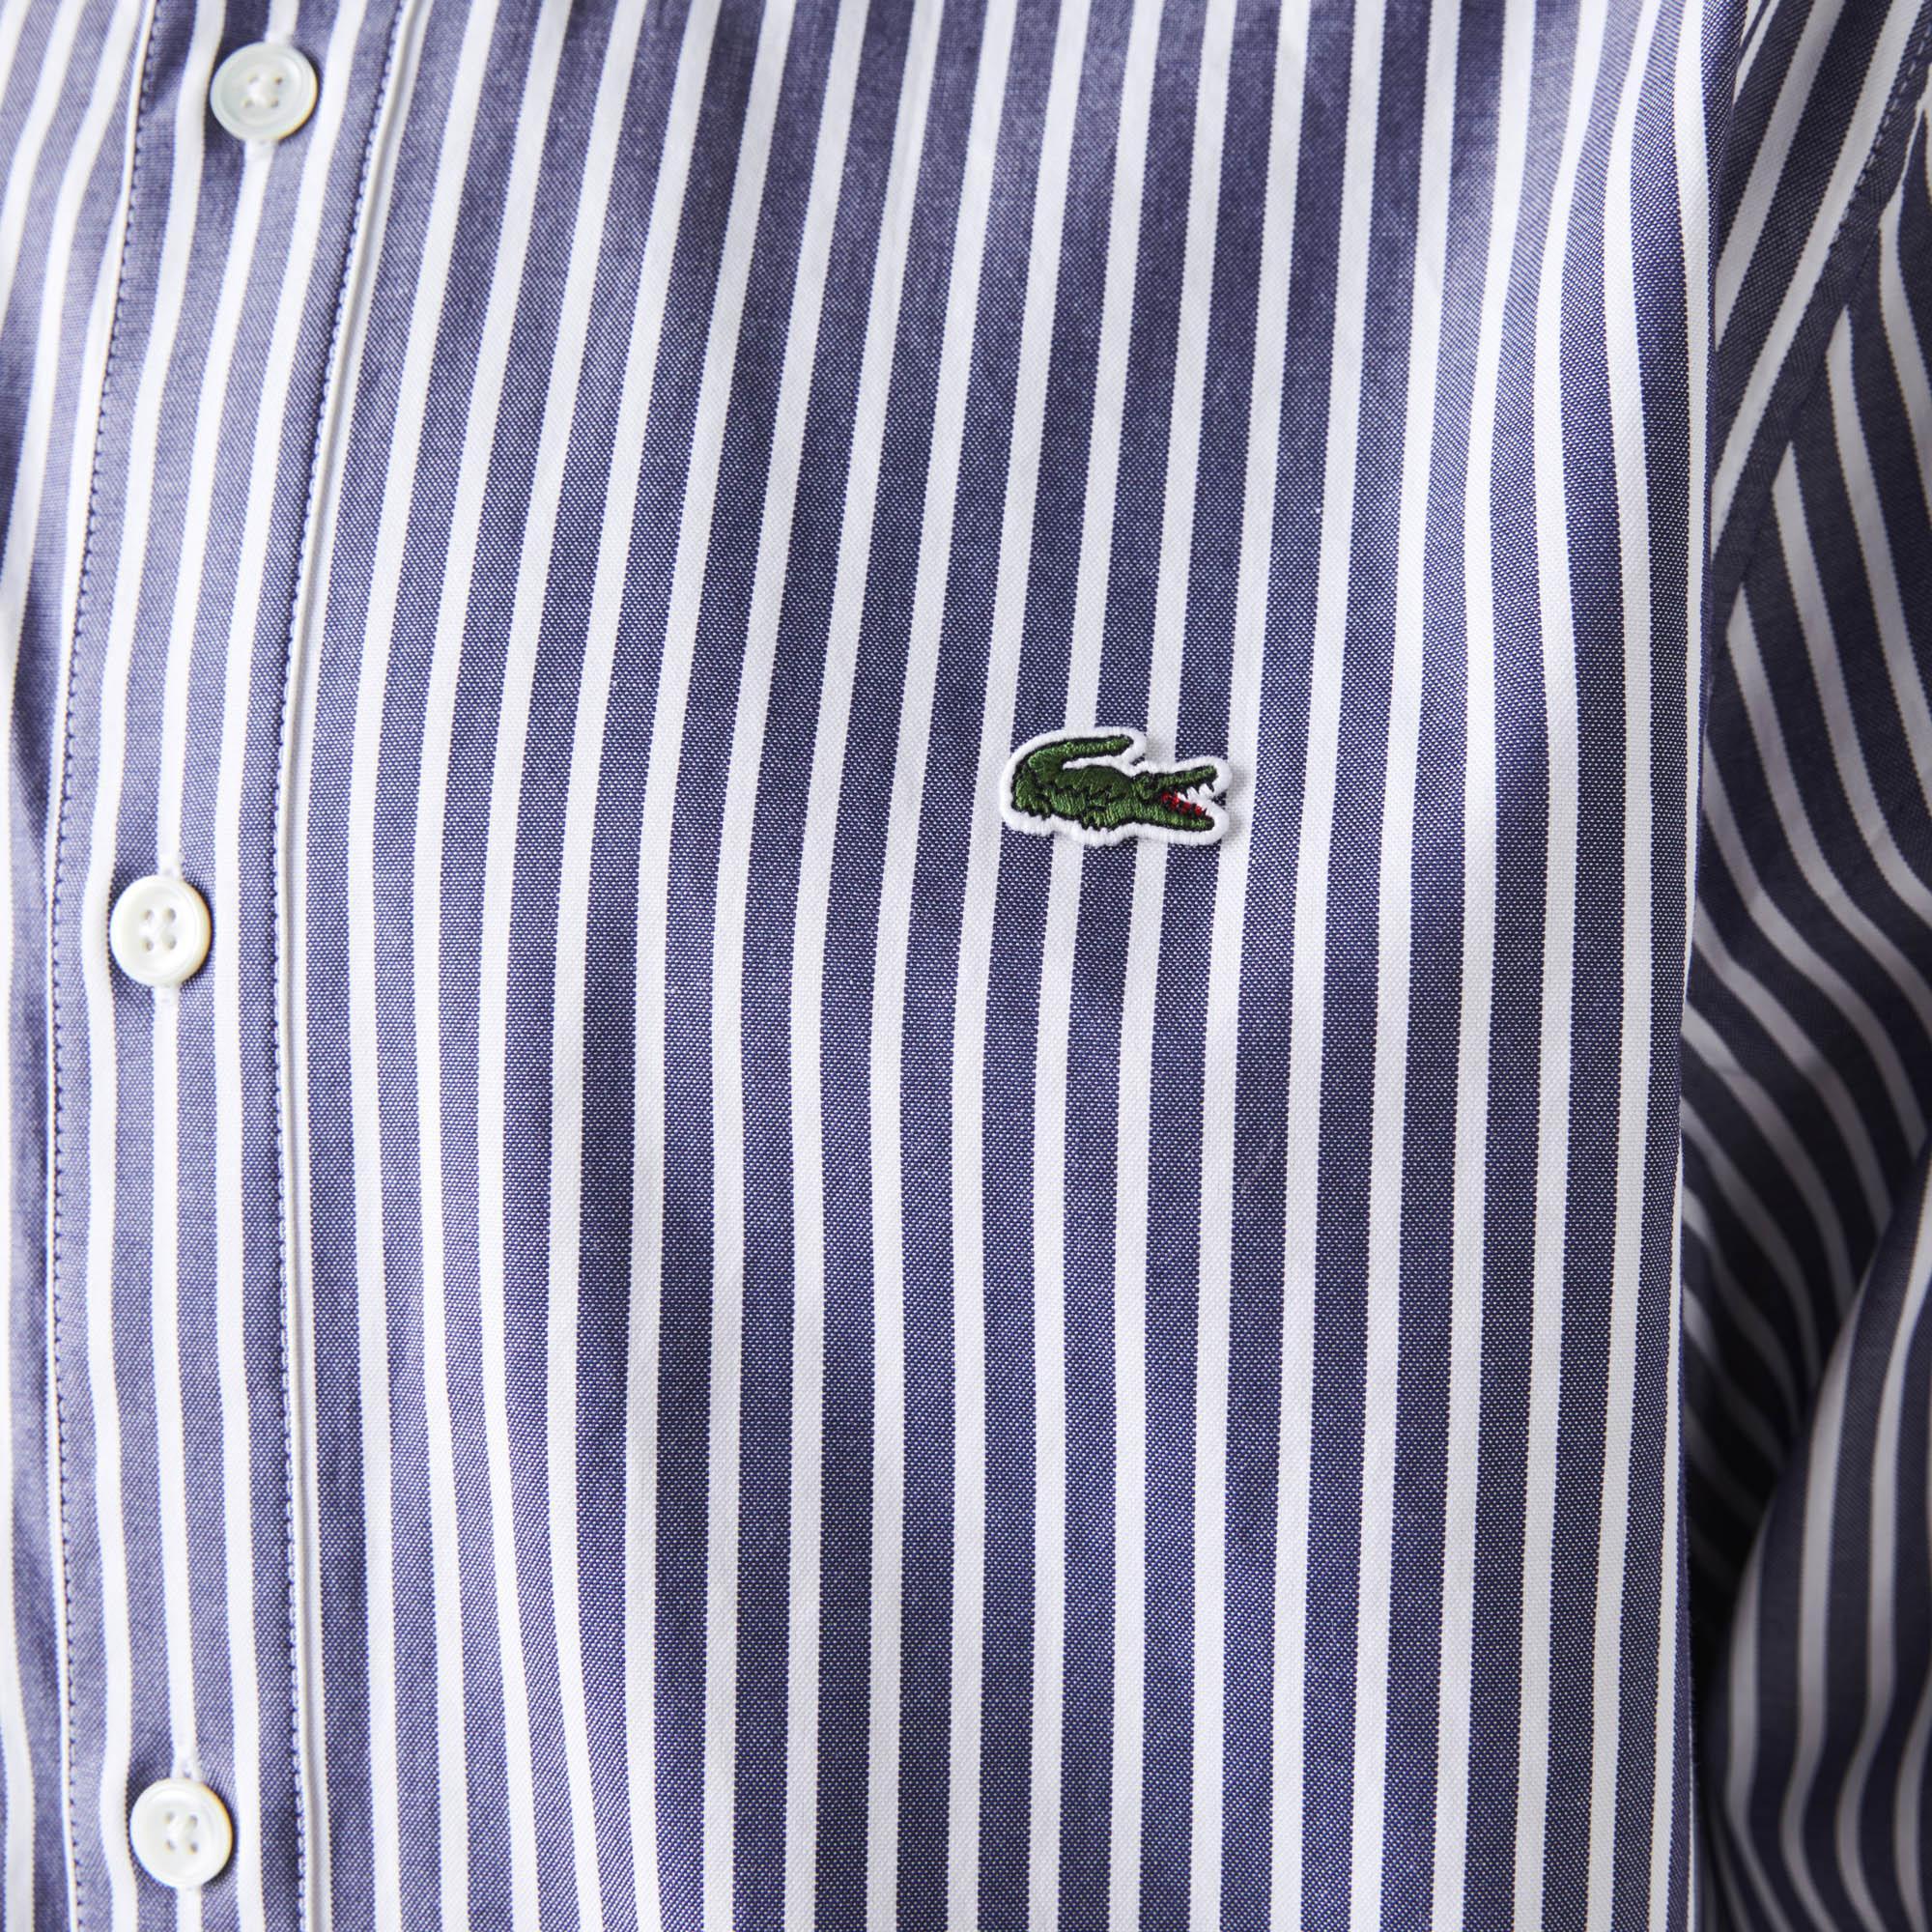 Lacoste Men's Regular Fit Striped Cotton Shirt